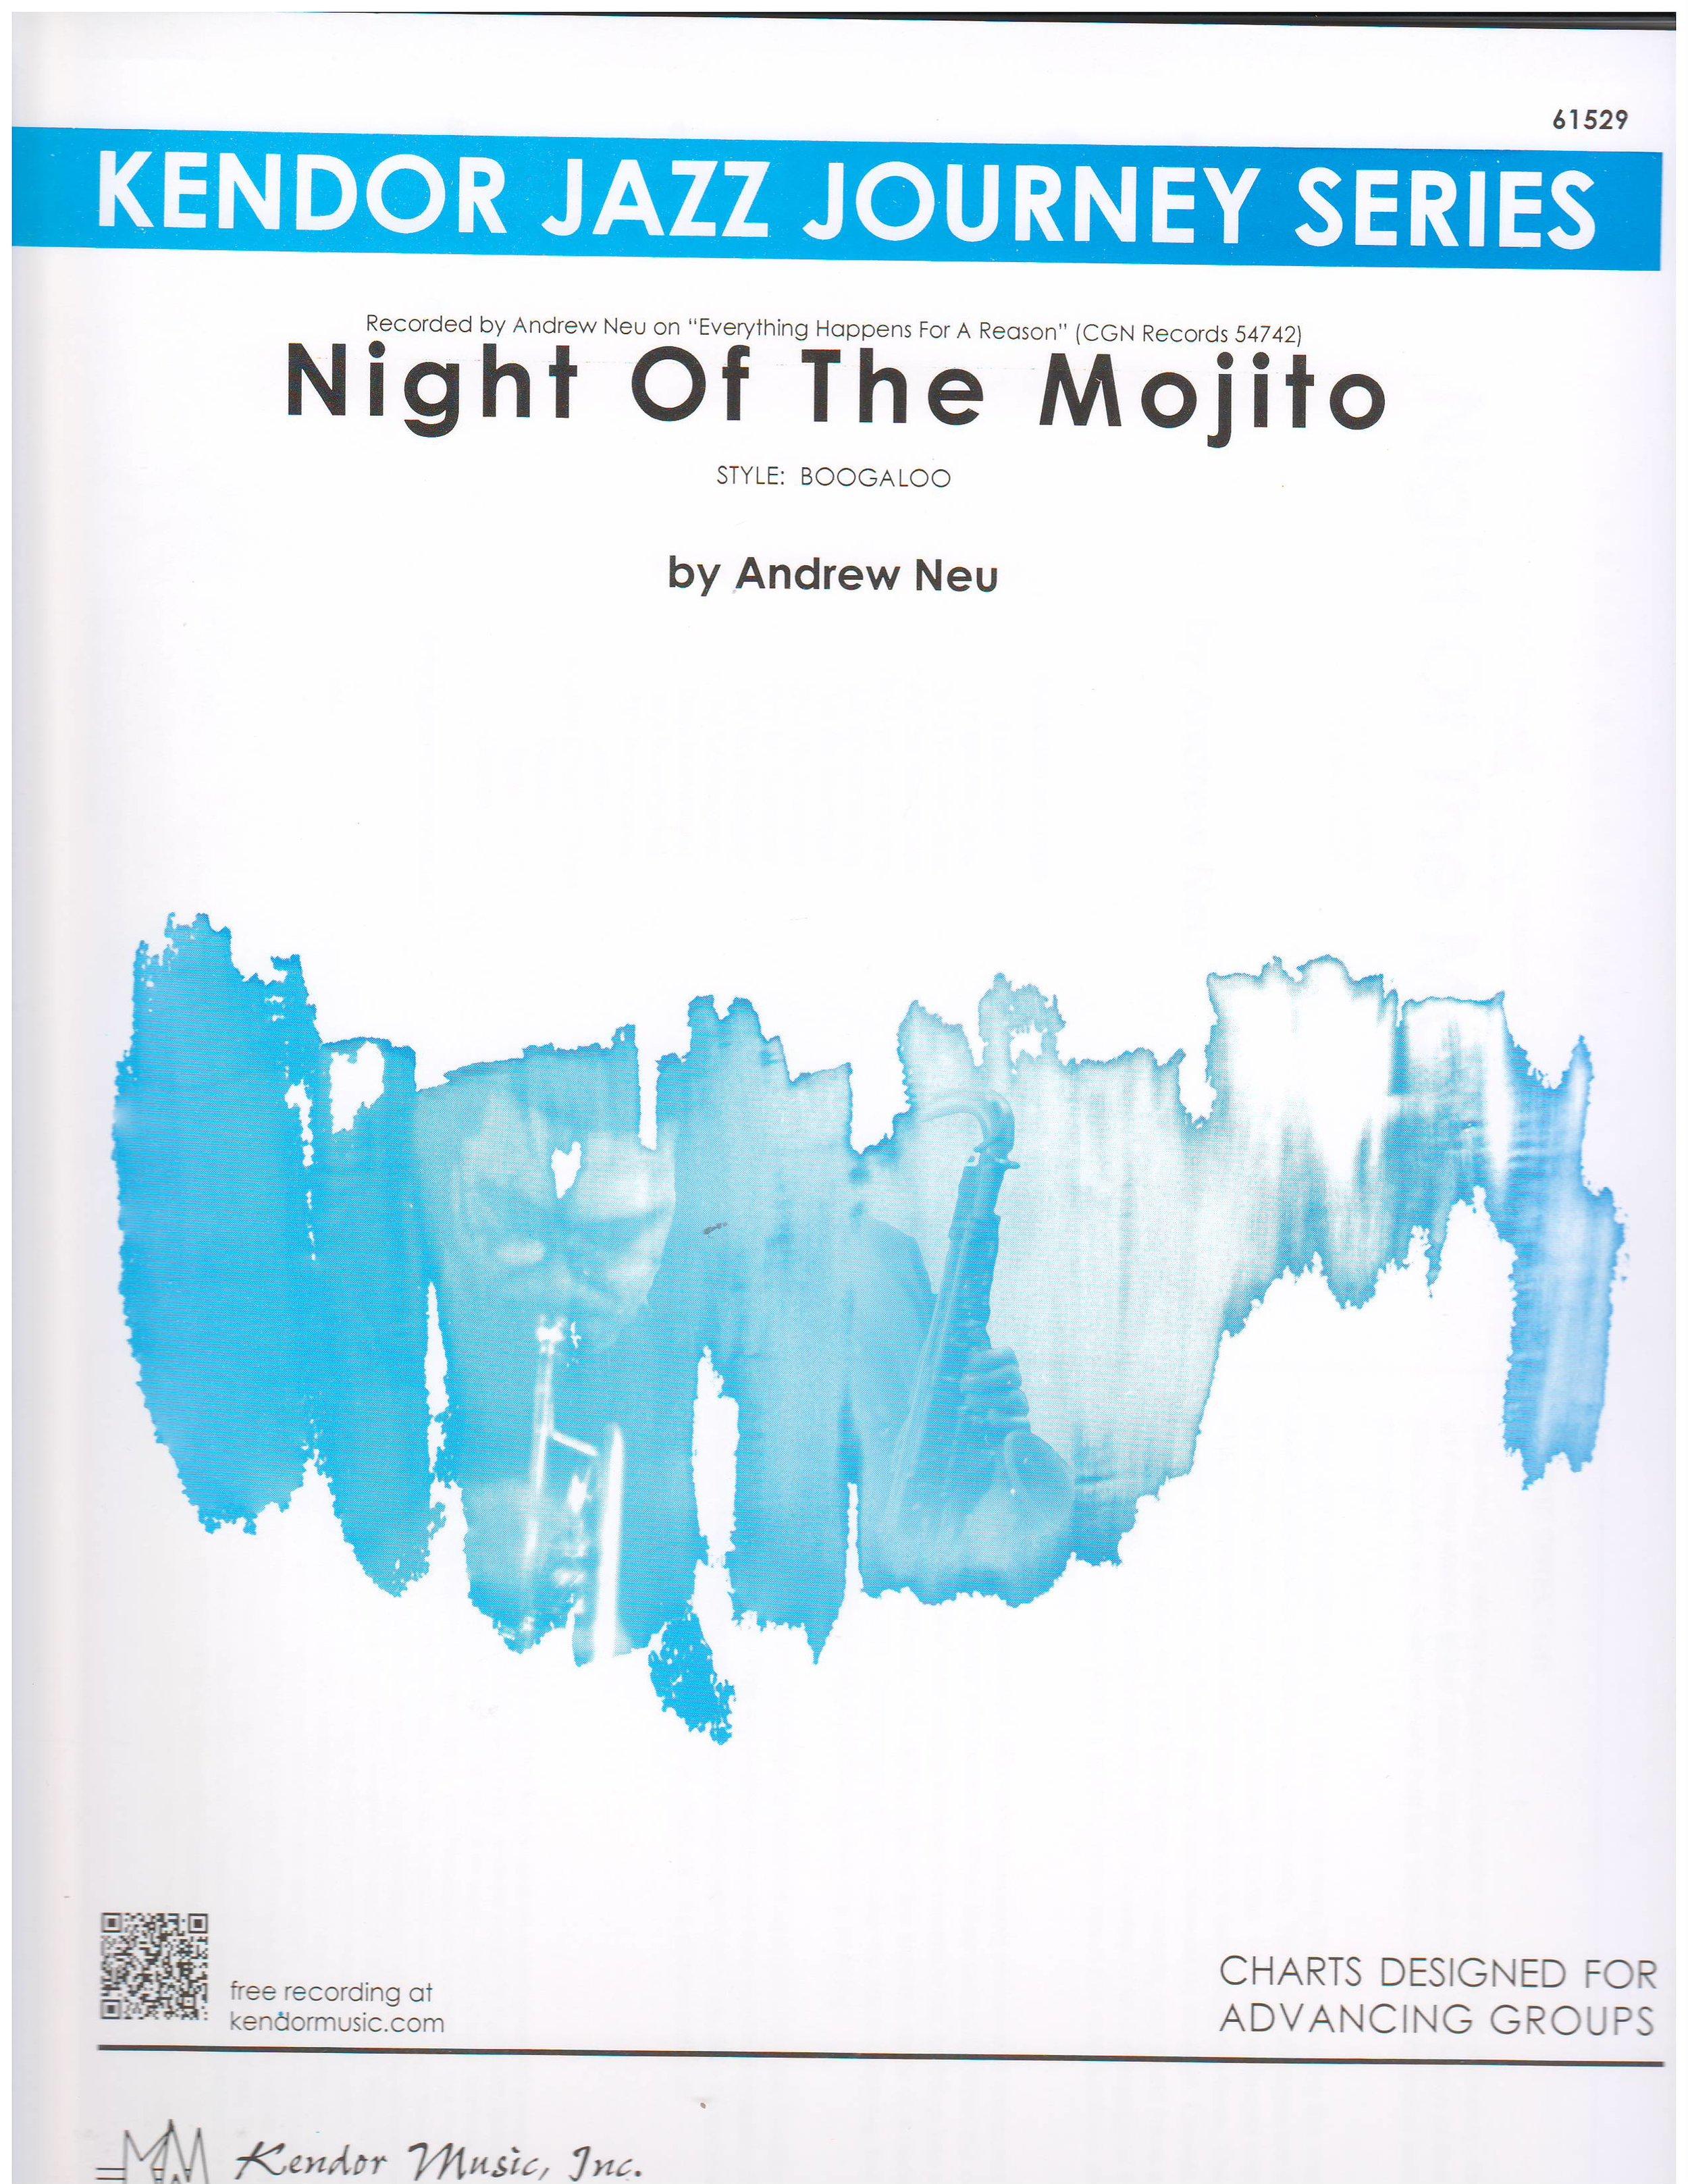 Night of the Mojito